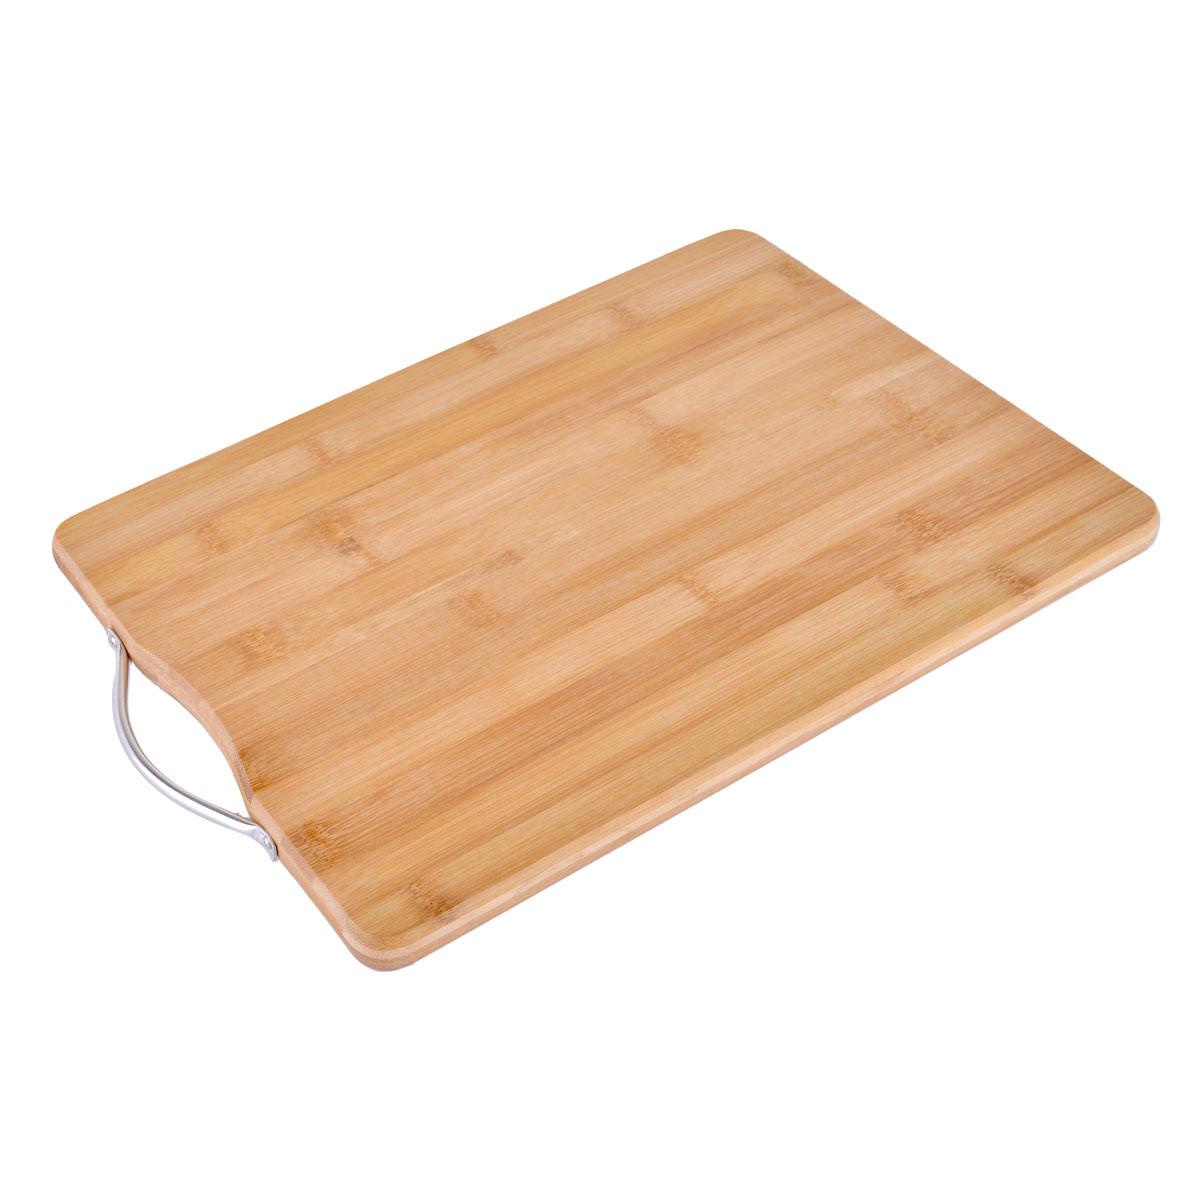 لوح تقطيع خشبي 38x27 cm  من ماي مارت.